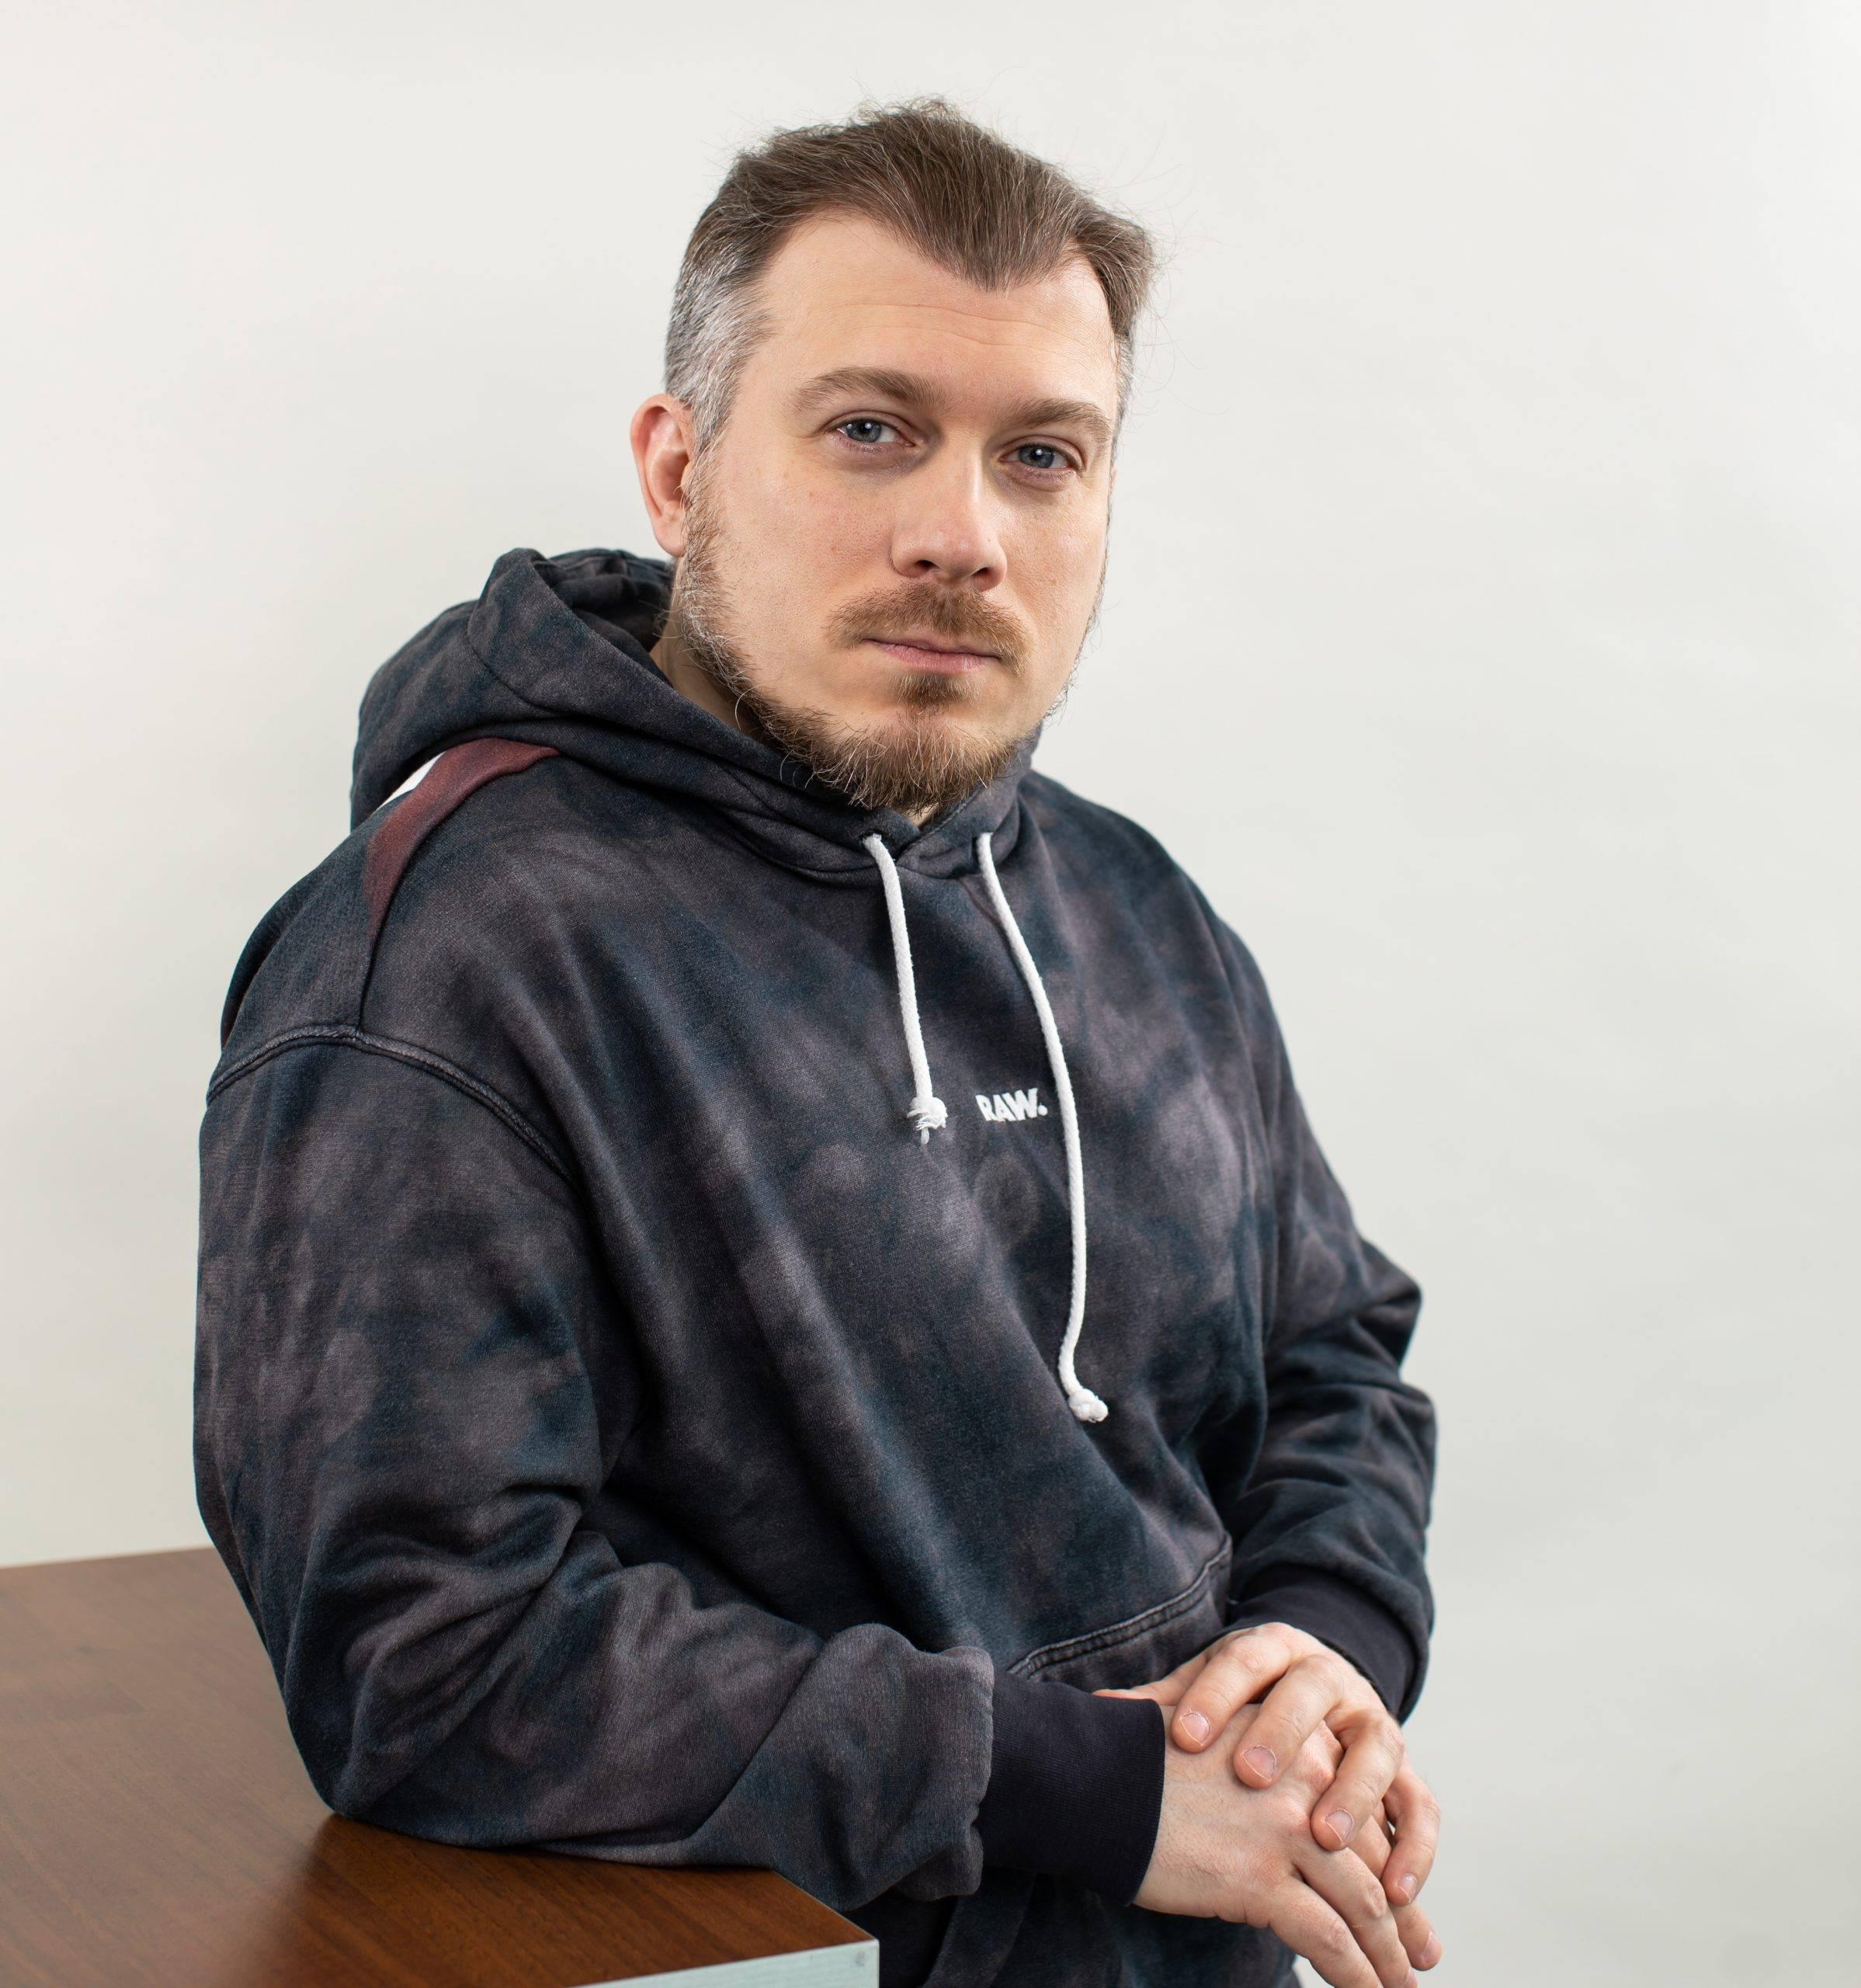 Volodymyr Koshel